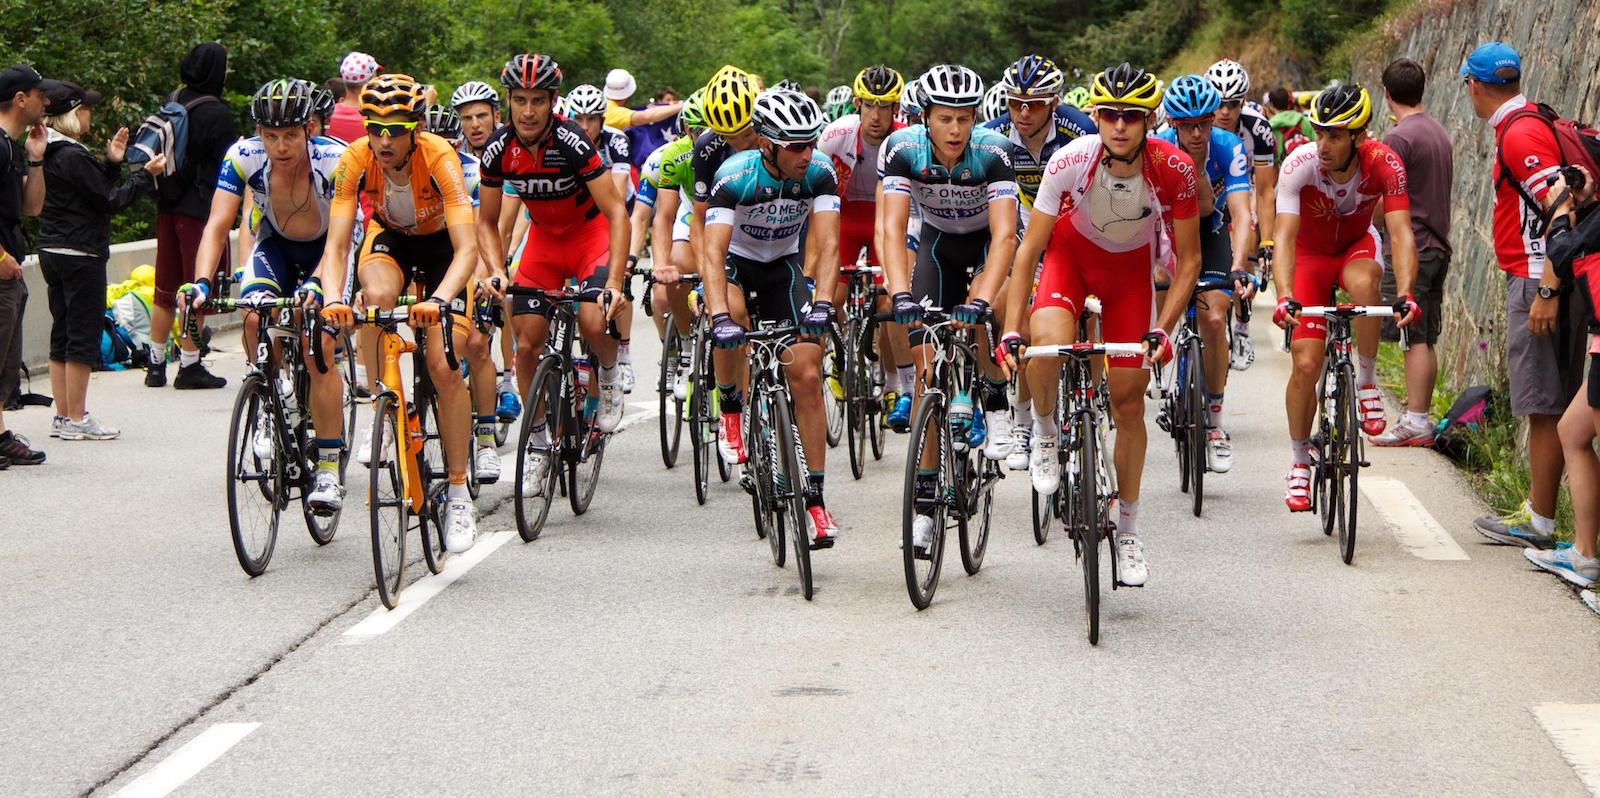 Tour de France Peloton on Alp d'Huez